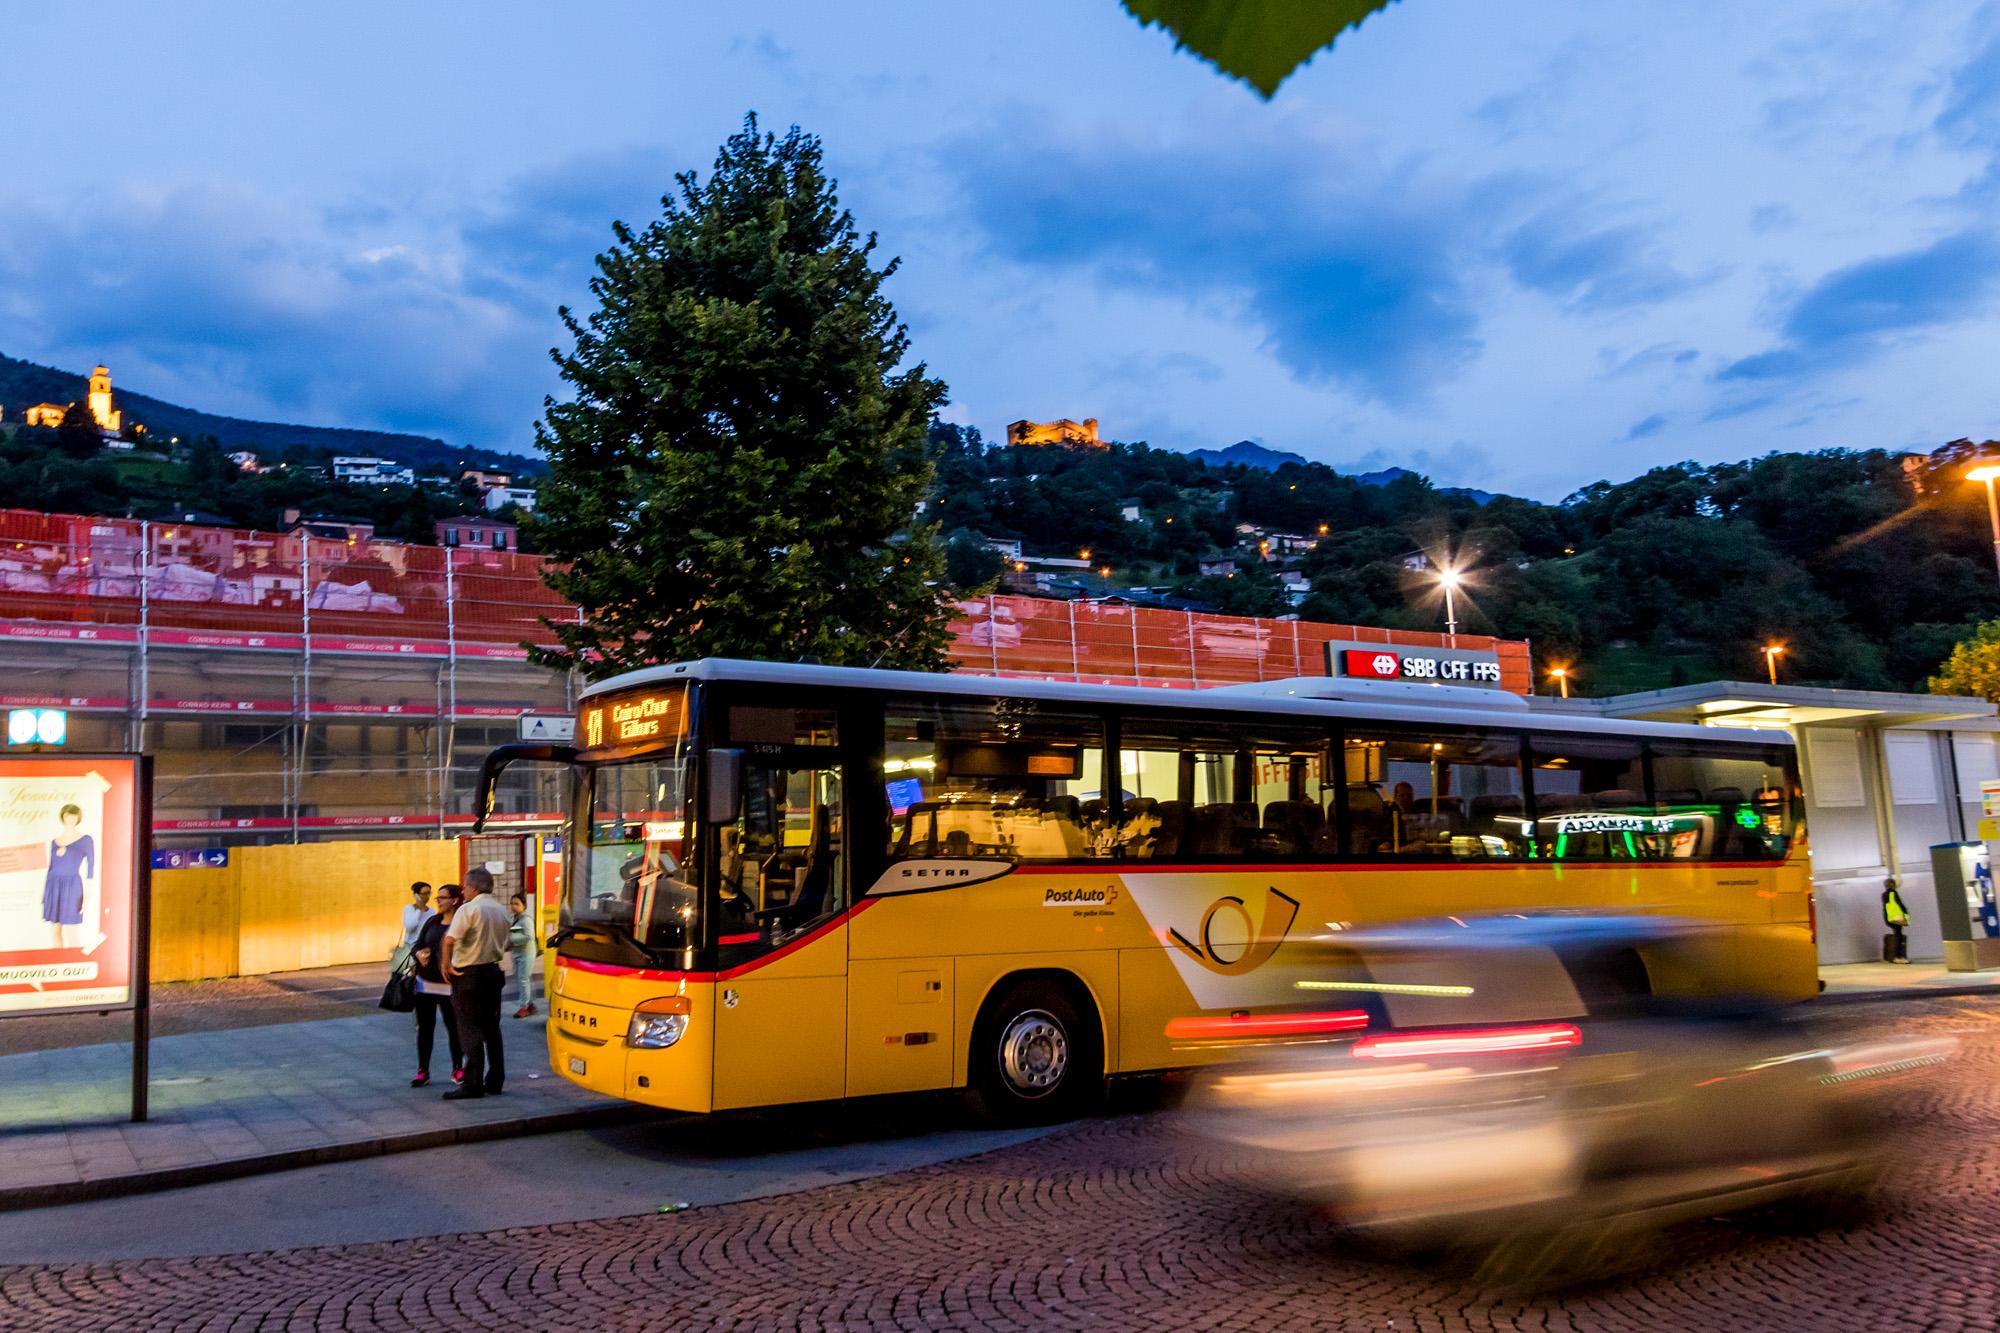 Bereits steht das Postauto nach Chur zur Abfahrt bereit - doch sooo schnell will ich das Tessin ja nicht wieder verlassen :-)